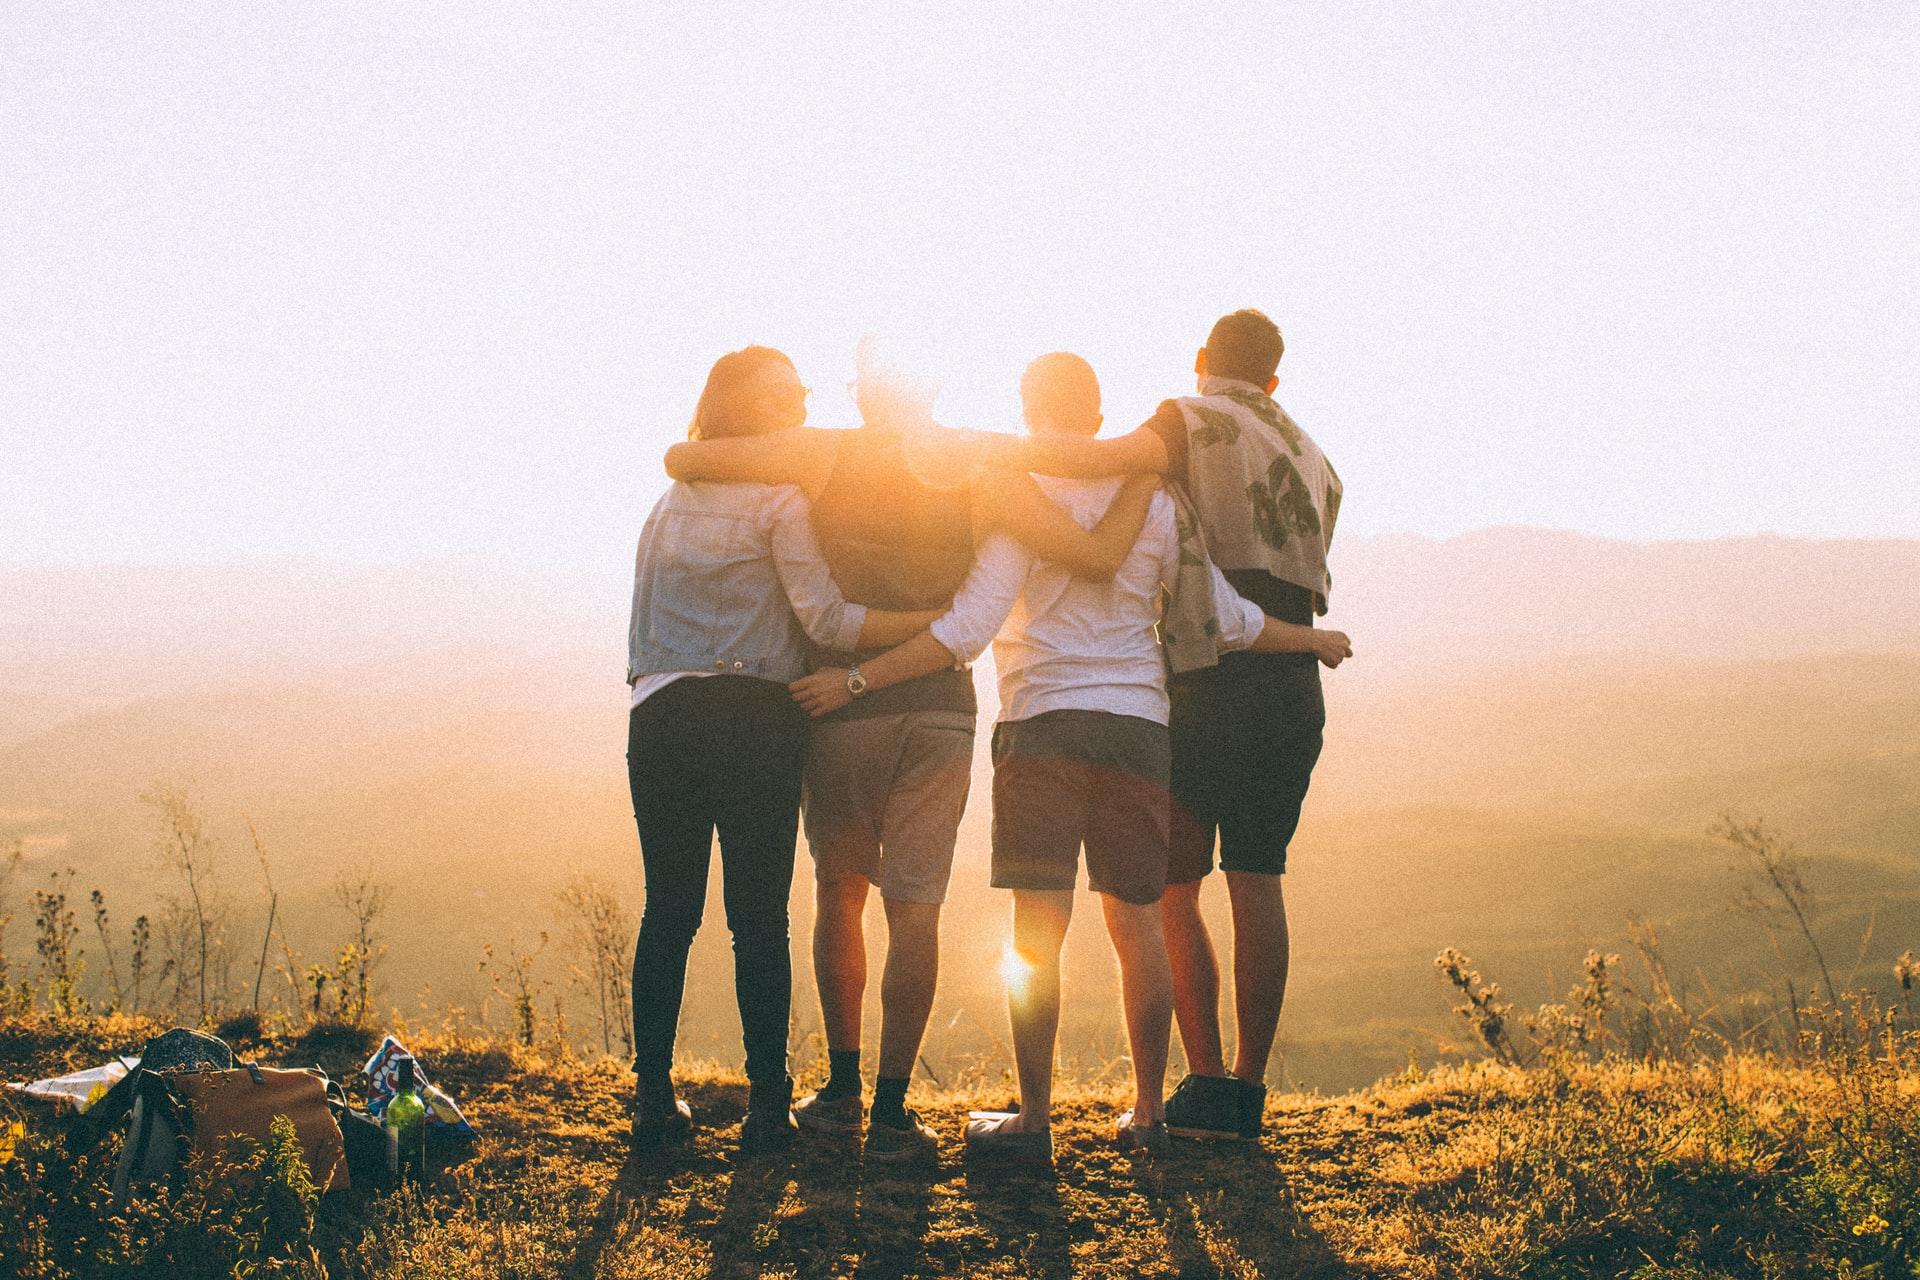 faça amizade com os amigos deles